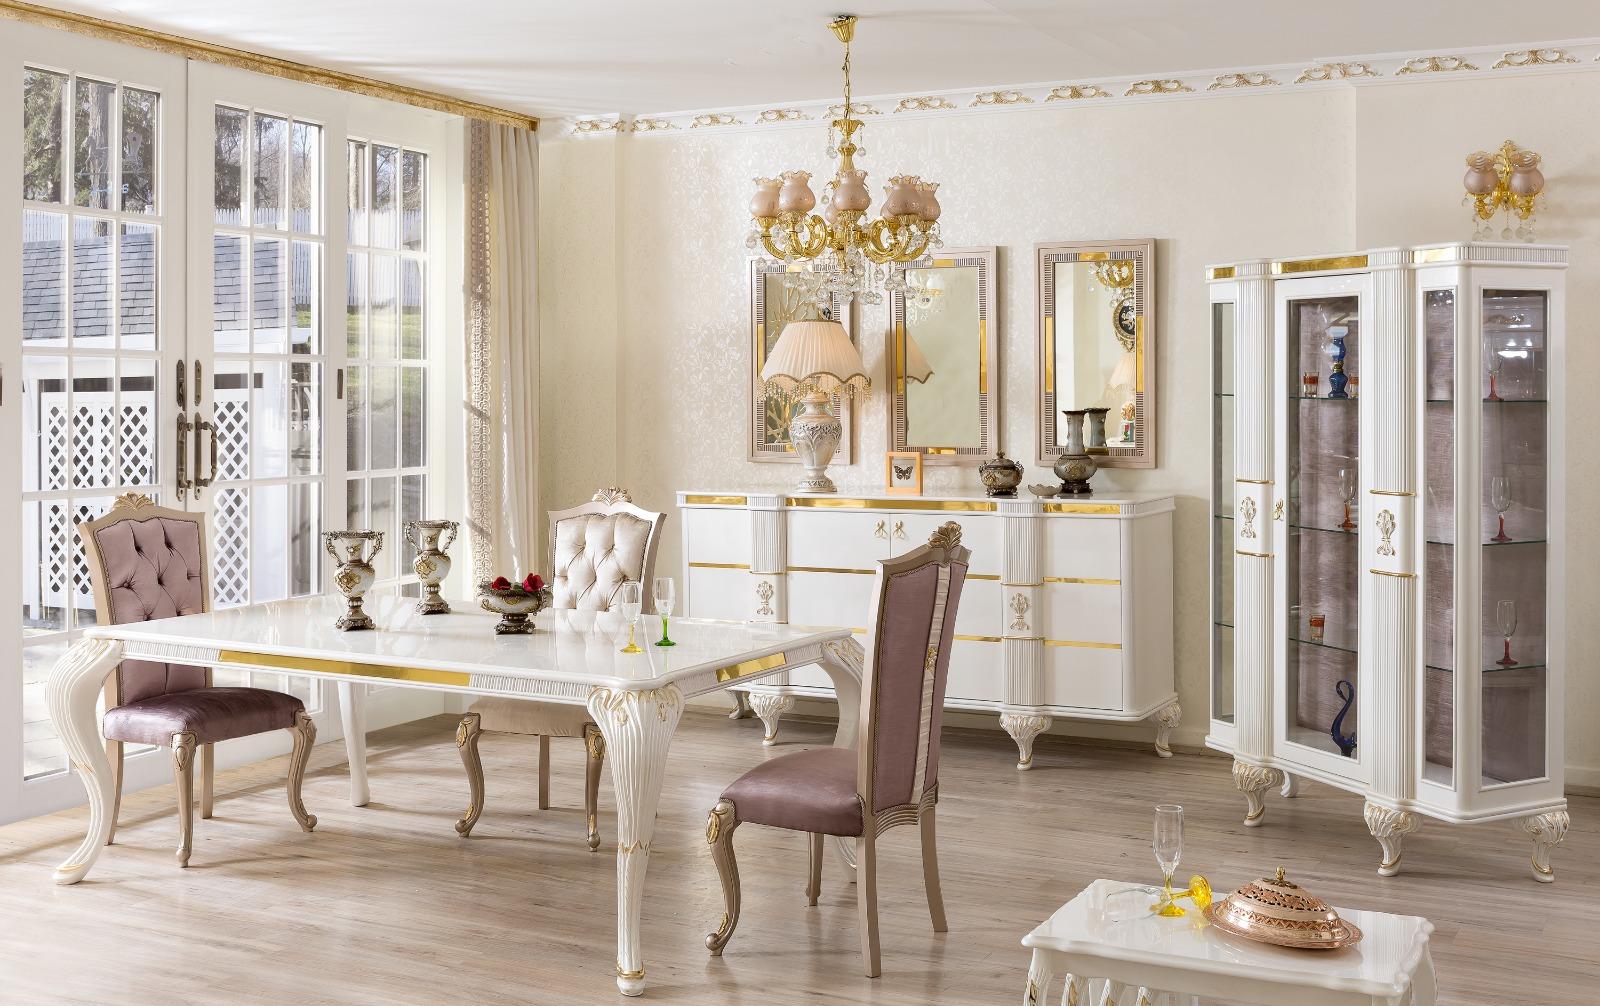 Столовая в дворцовом стиле в кремовом цвете